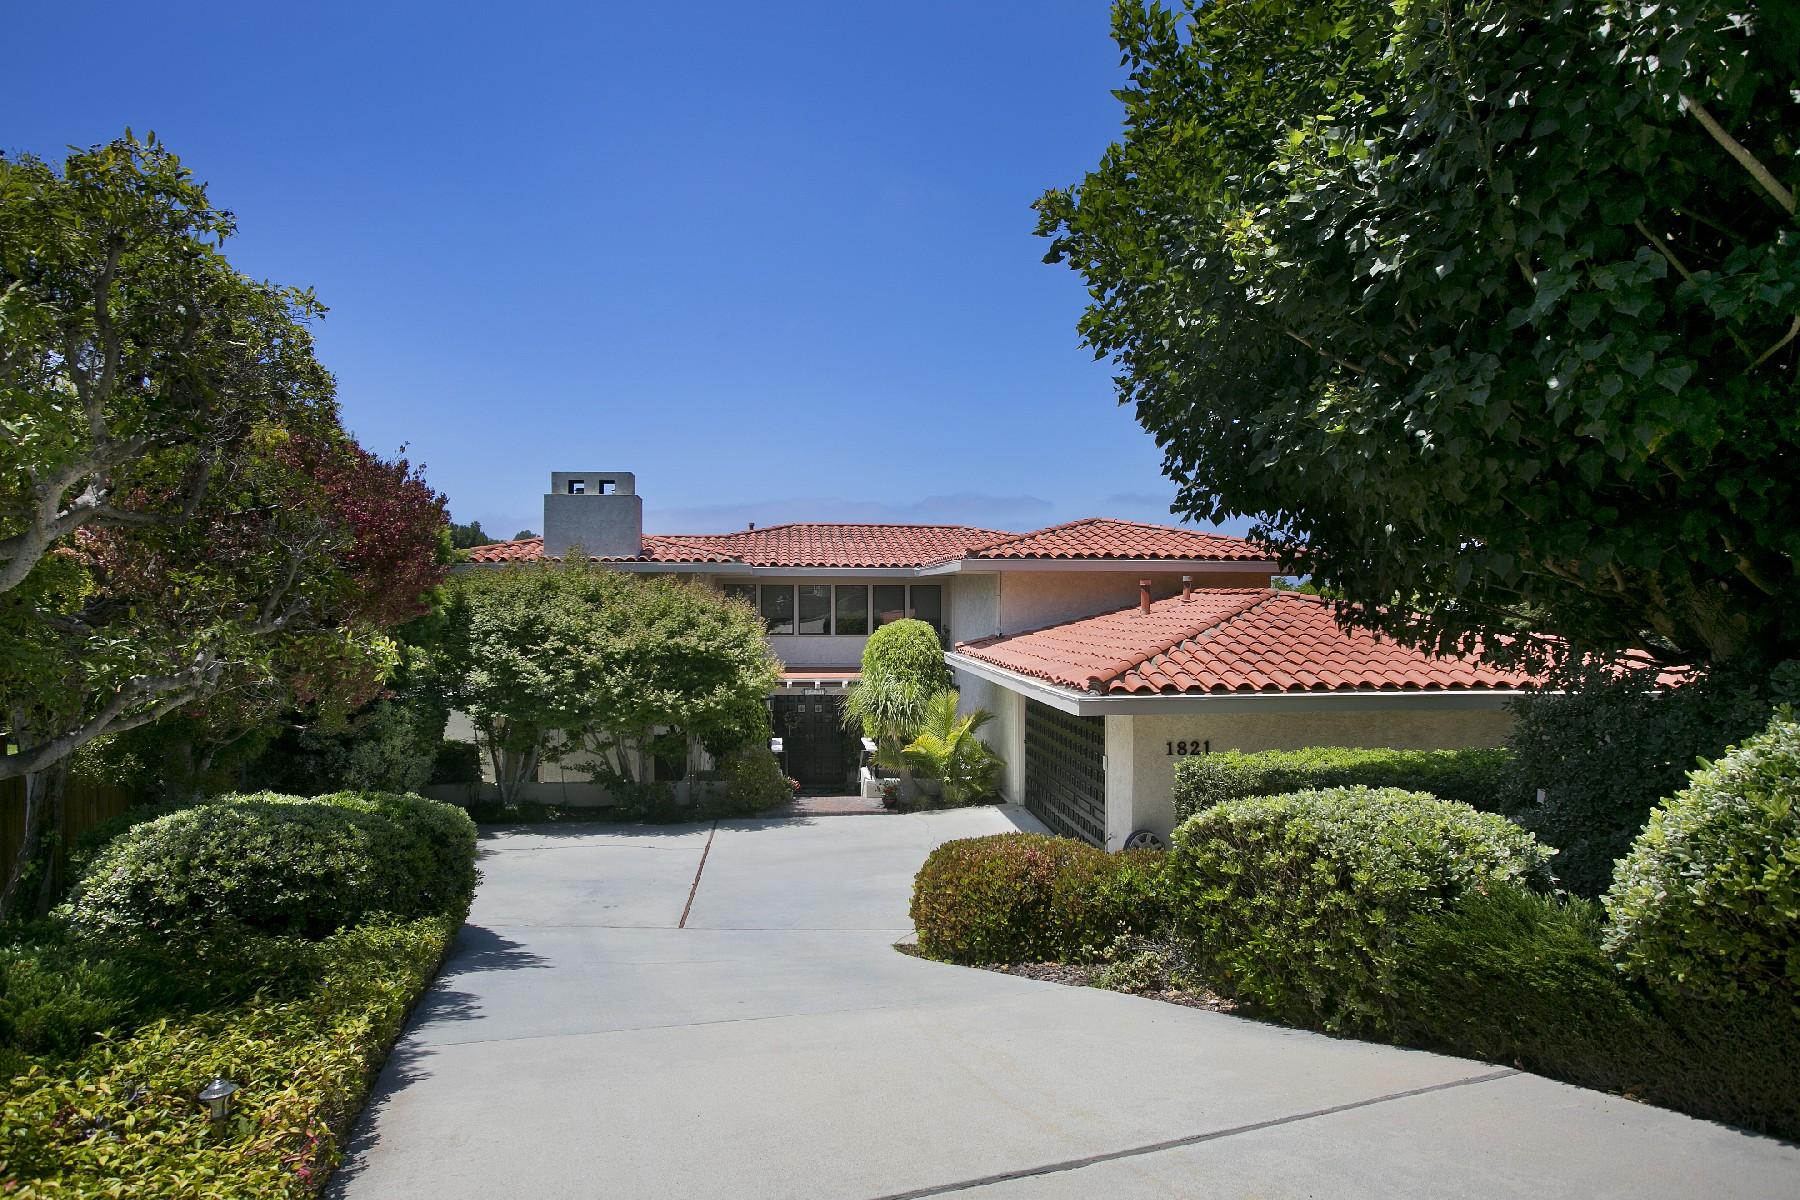 sales property at 1821 Via Estudillo, Palos Verdes Estates 90274